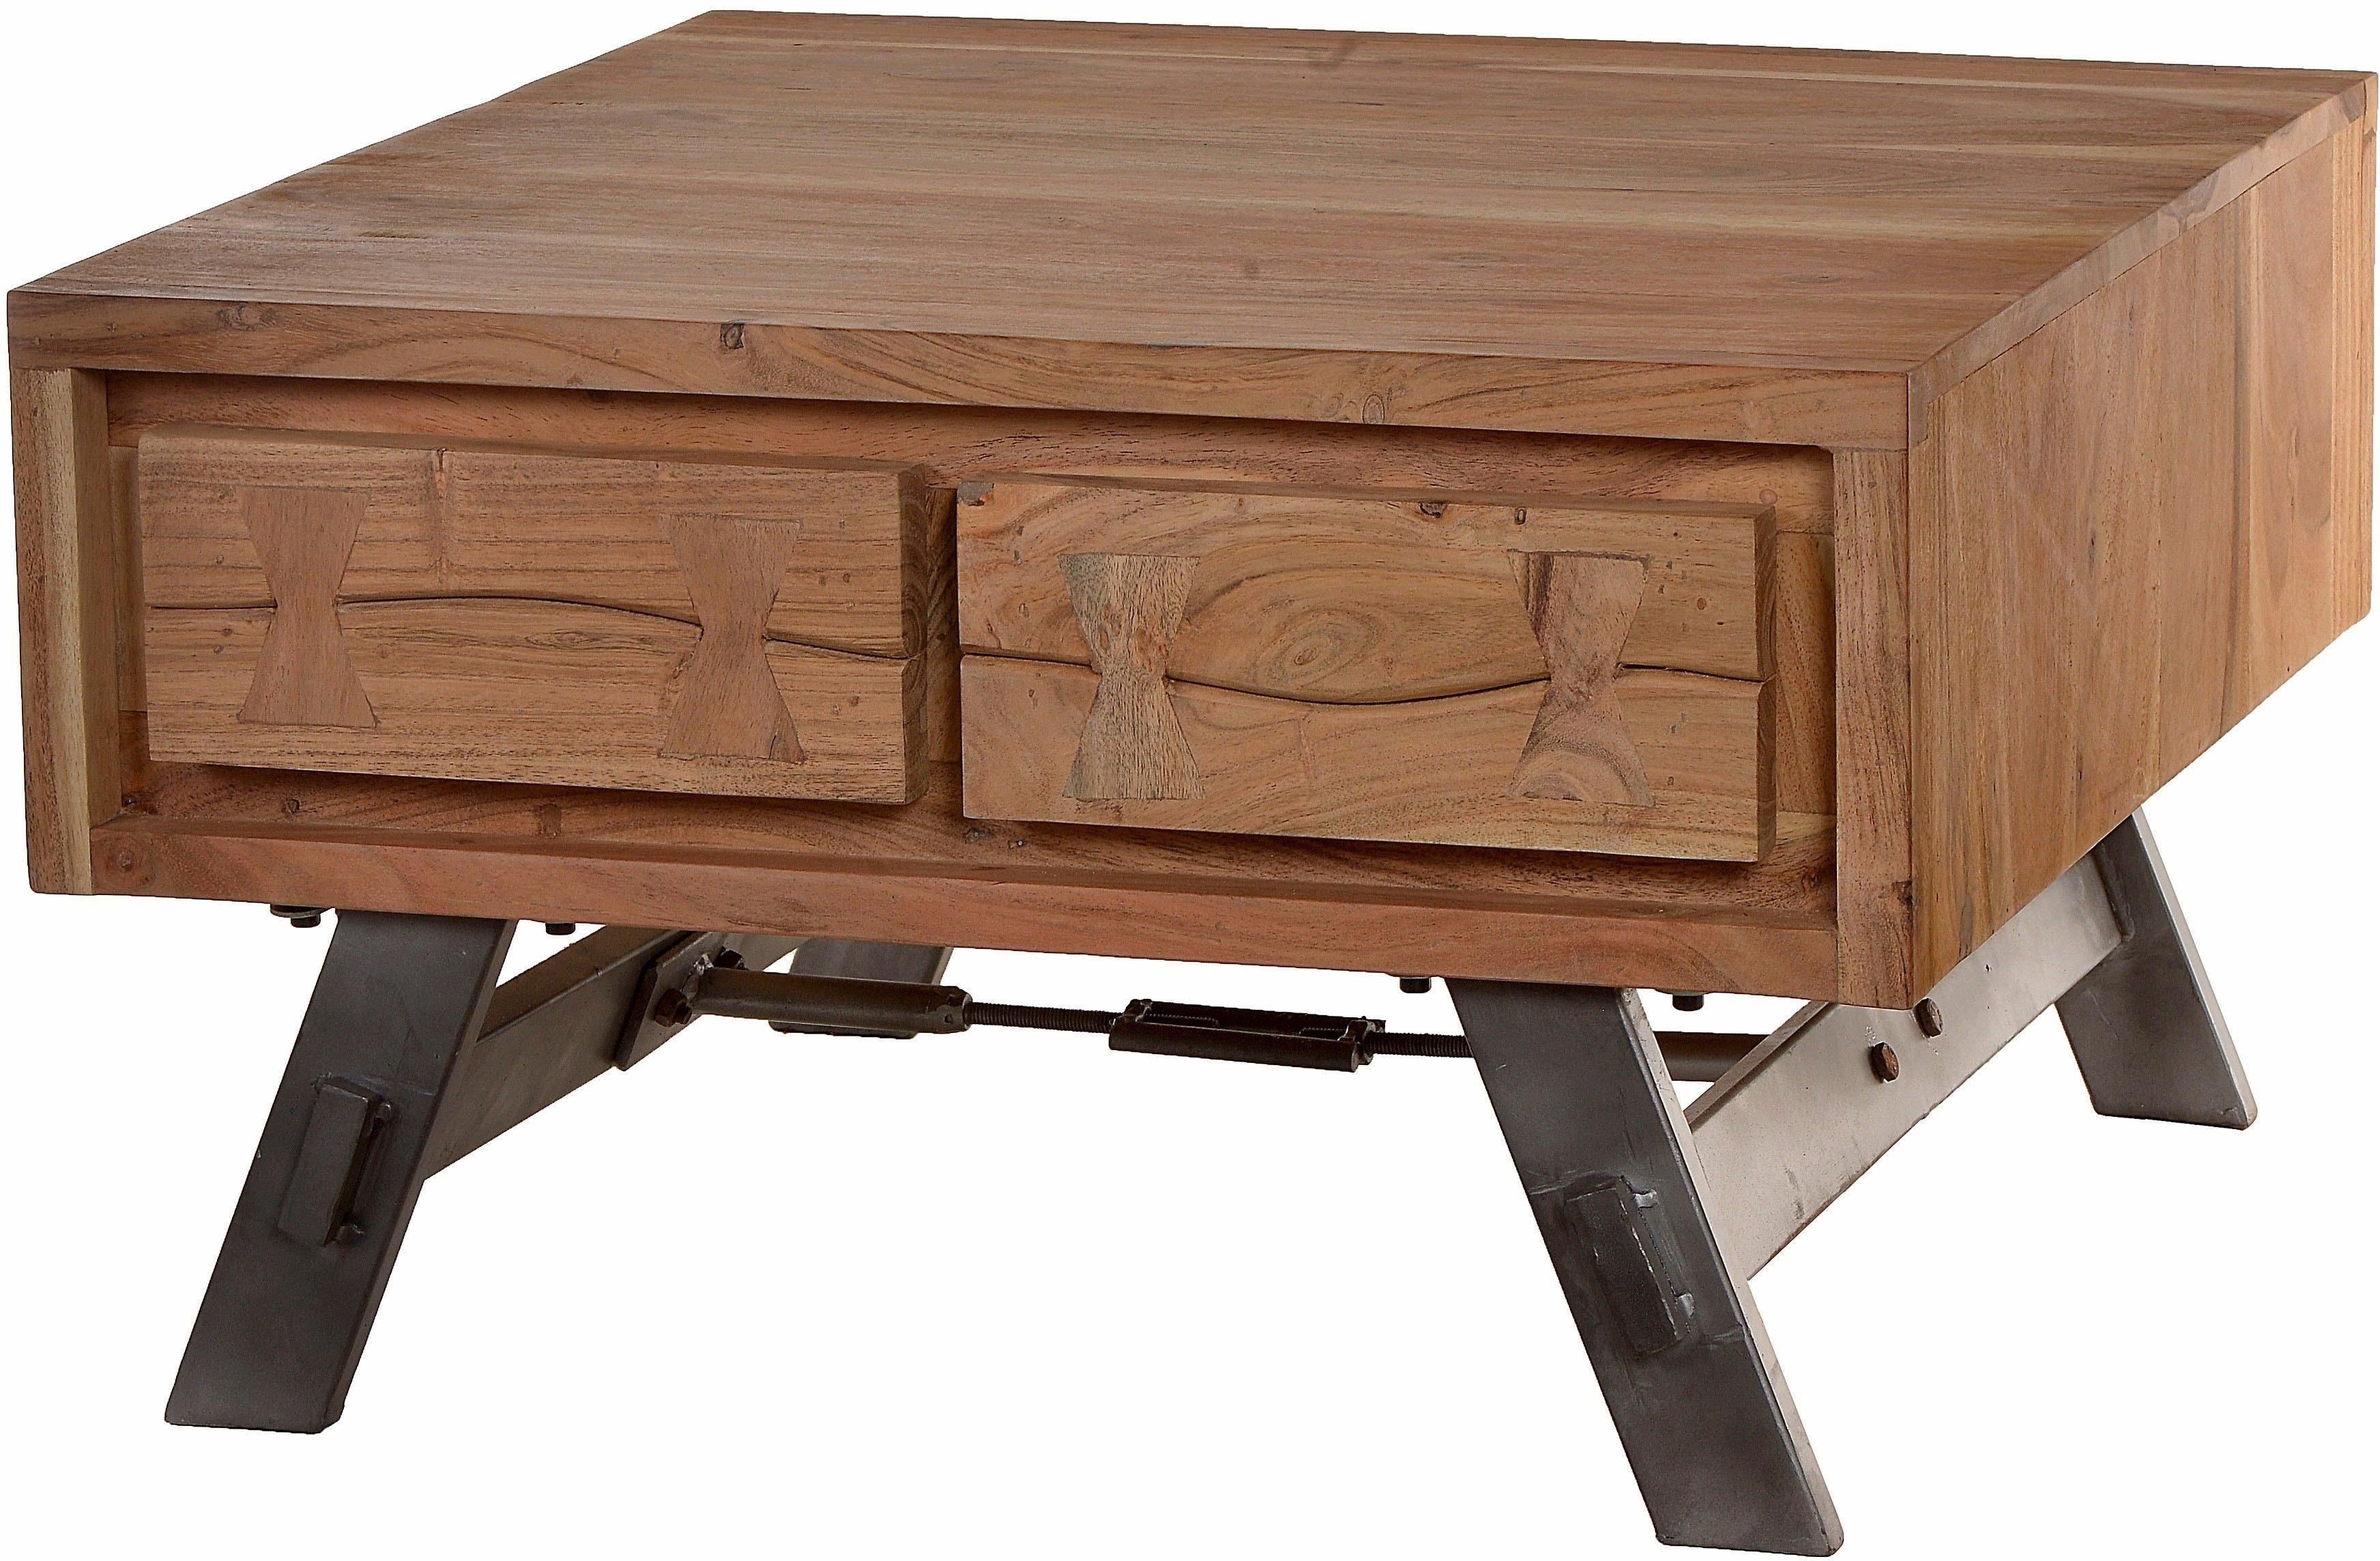 SIT Couchtisch »Edge«, aus Akazienholz mit Metalluntergestell, mit 4 Schubladen, Breite 70 cm